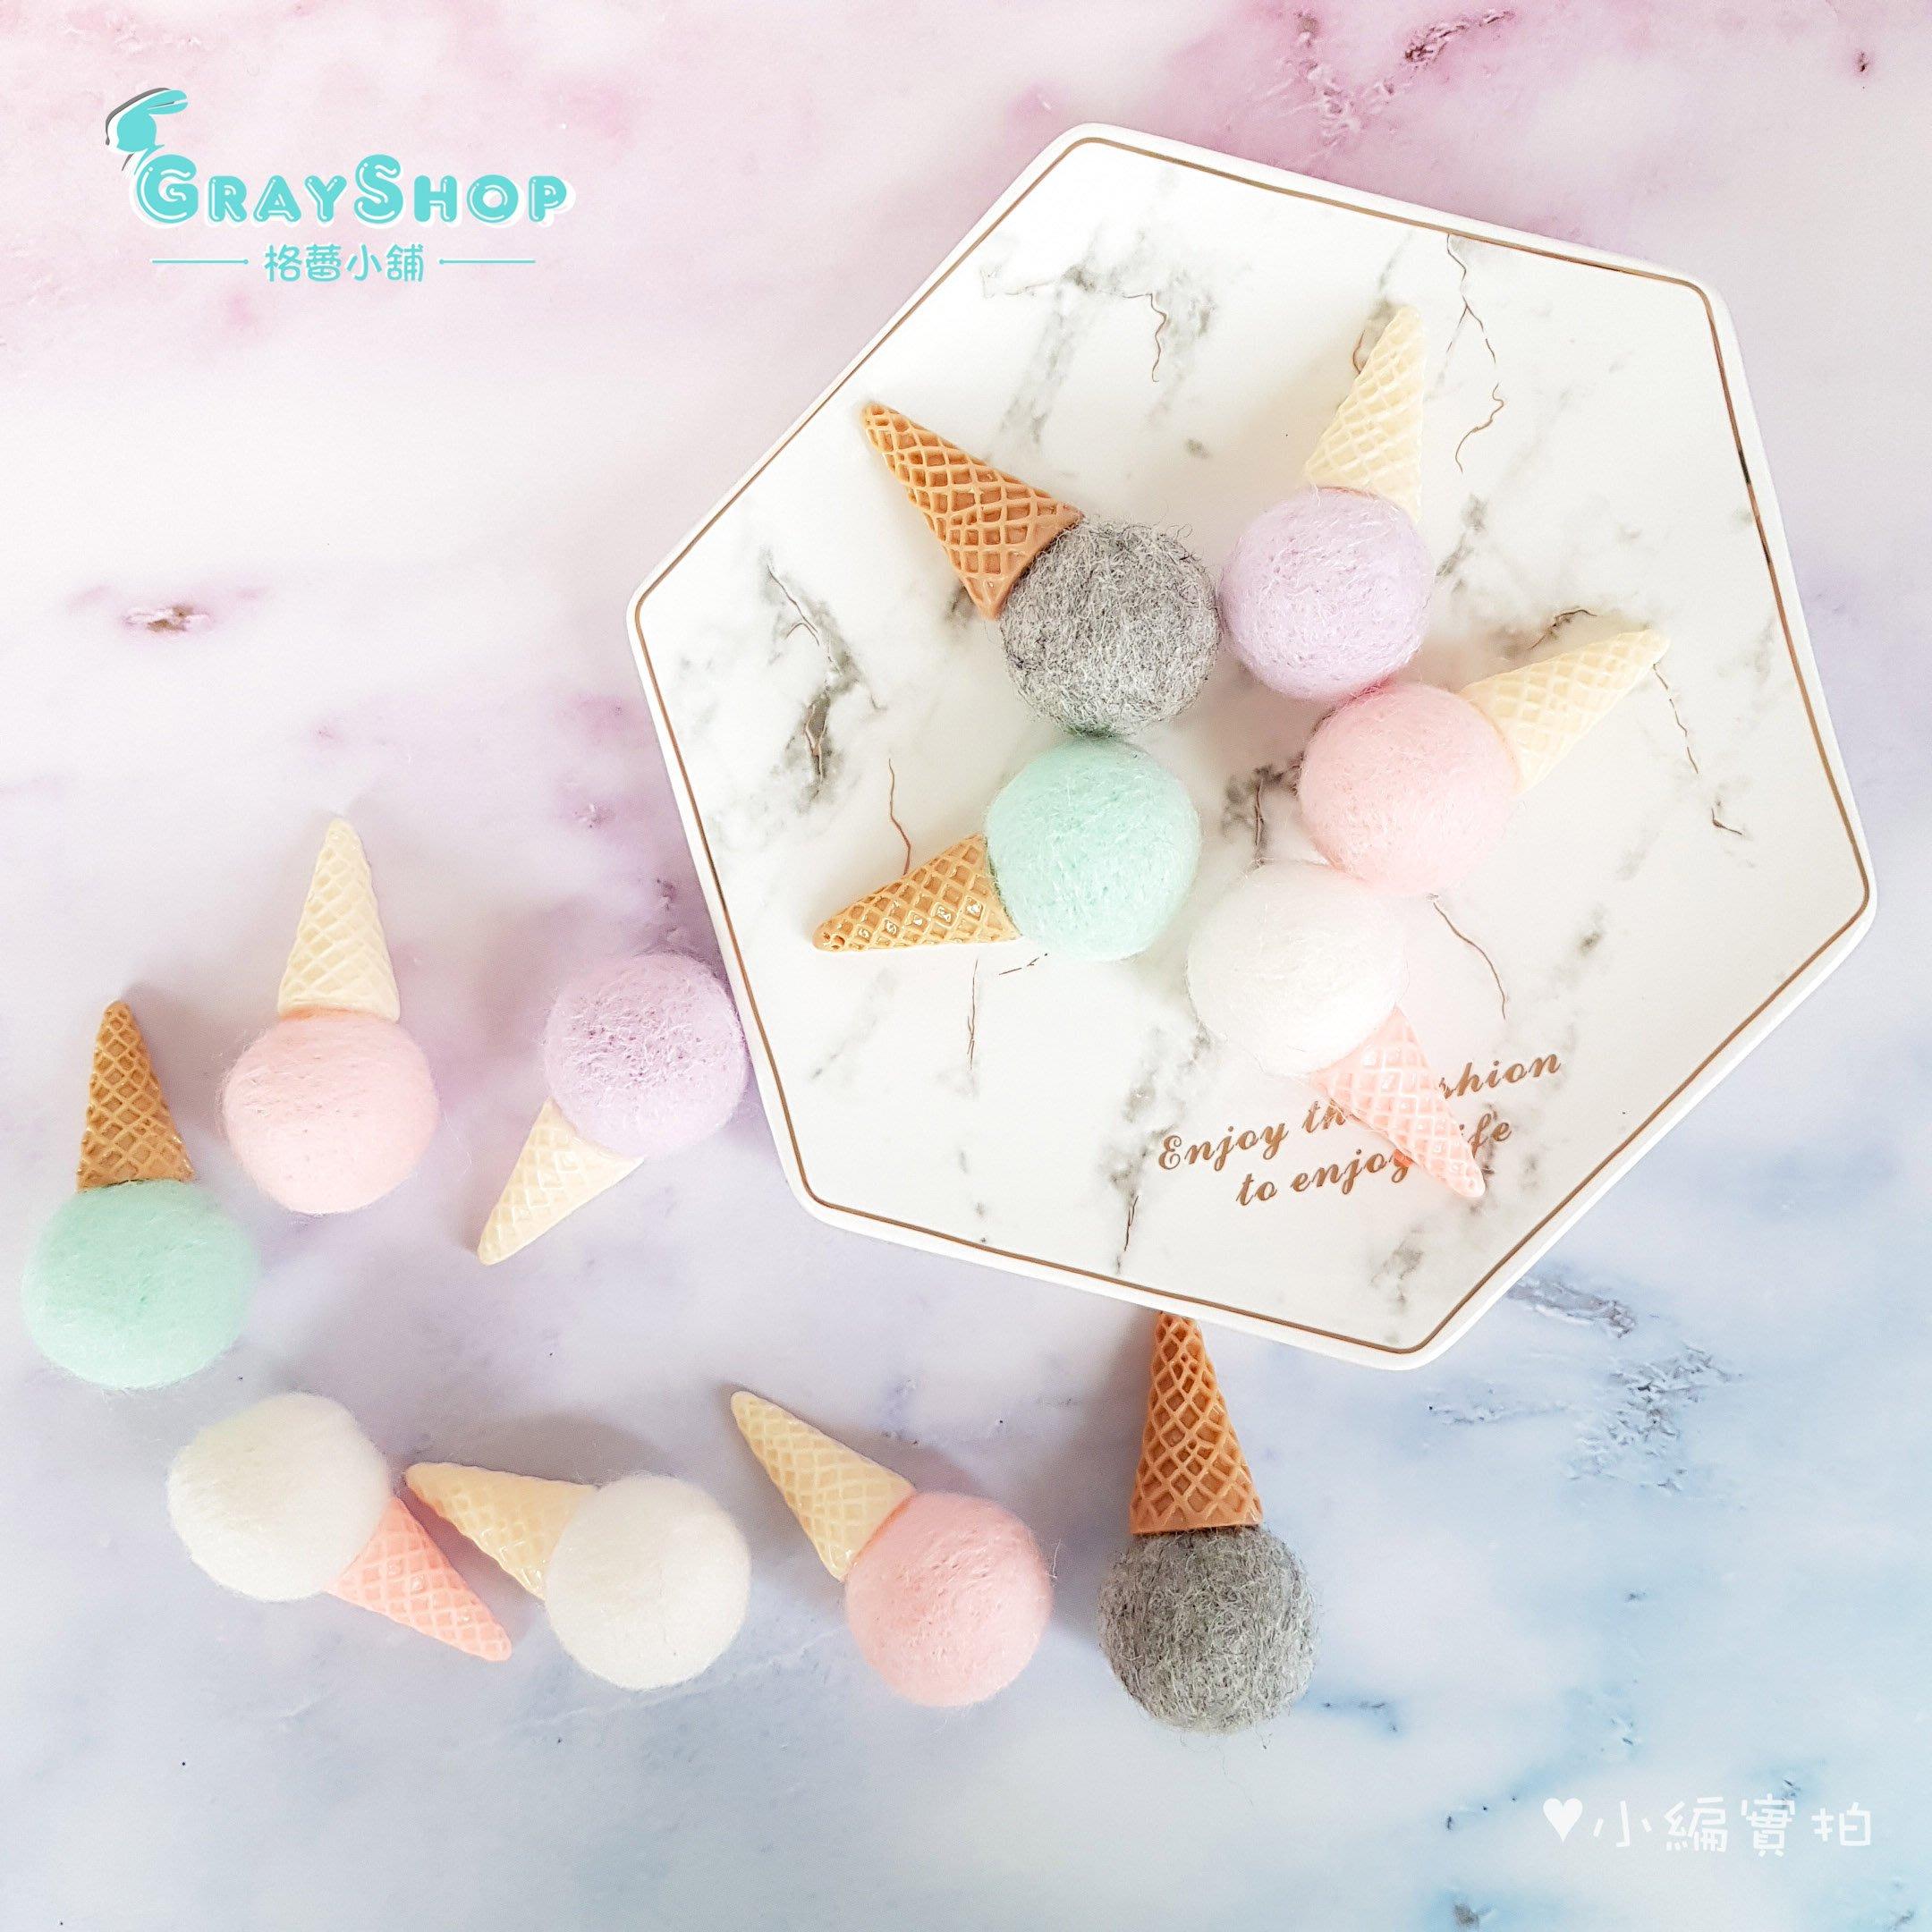 羊毛氈冰淇淋《GrayShop》材料 裝飾  網拍攝影道具 拍照道具 飾品美食雜貨